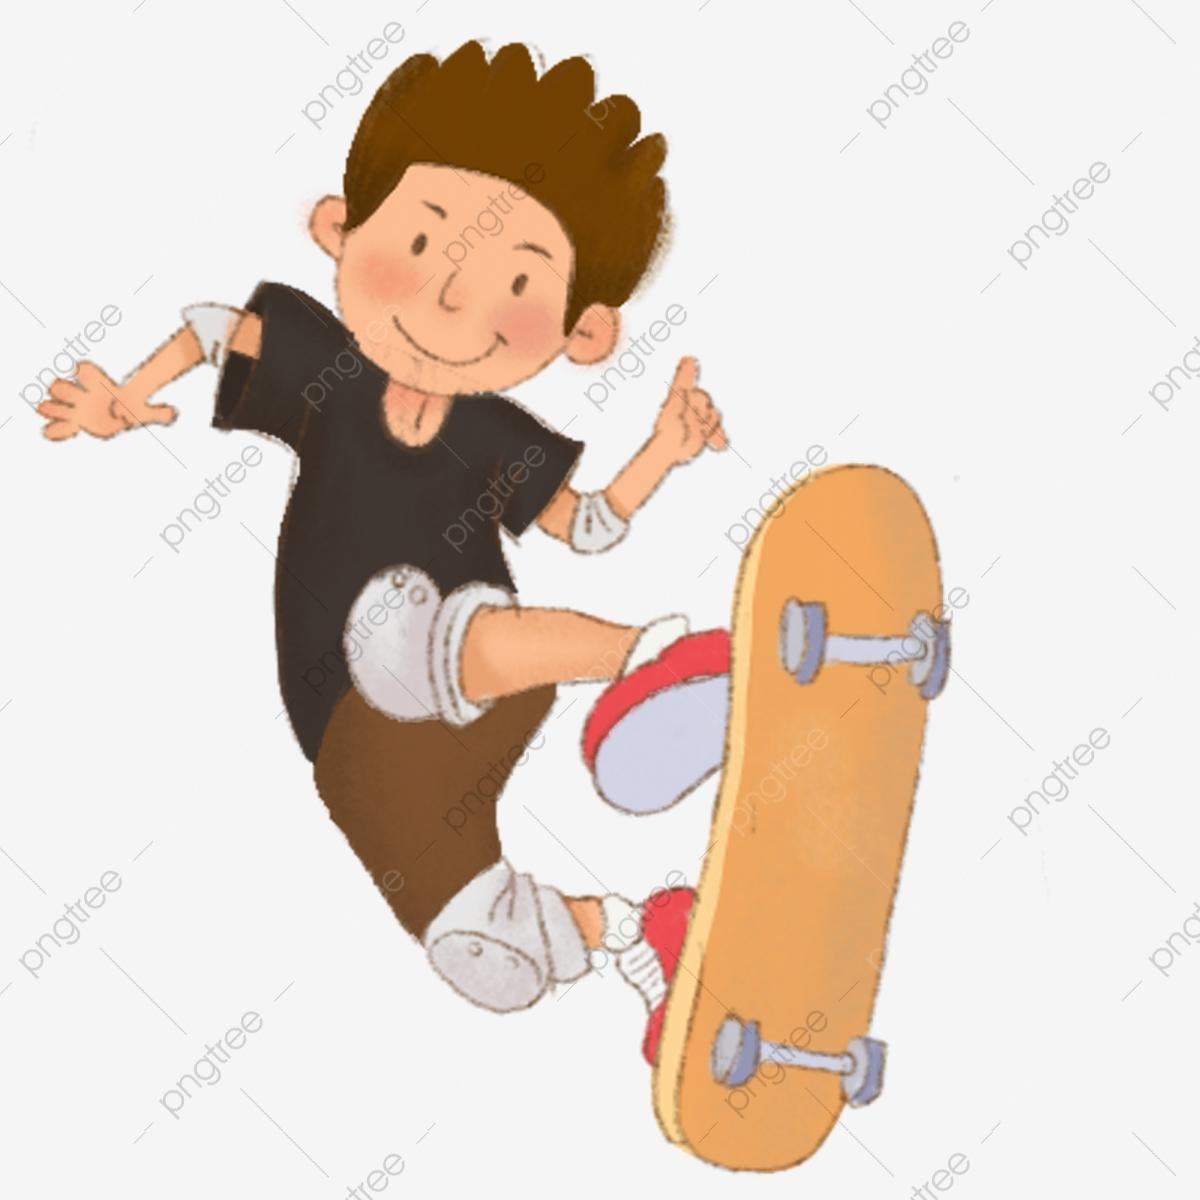 Petit Garçon Skateboard Garçon Mignon Jeu Personnage Dessiné destiné Les Jeux De Petit Garcon